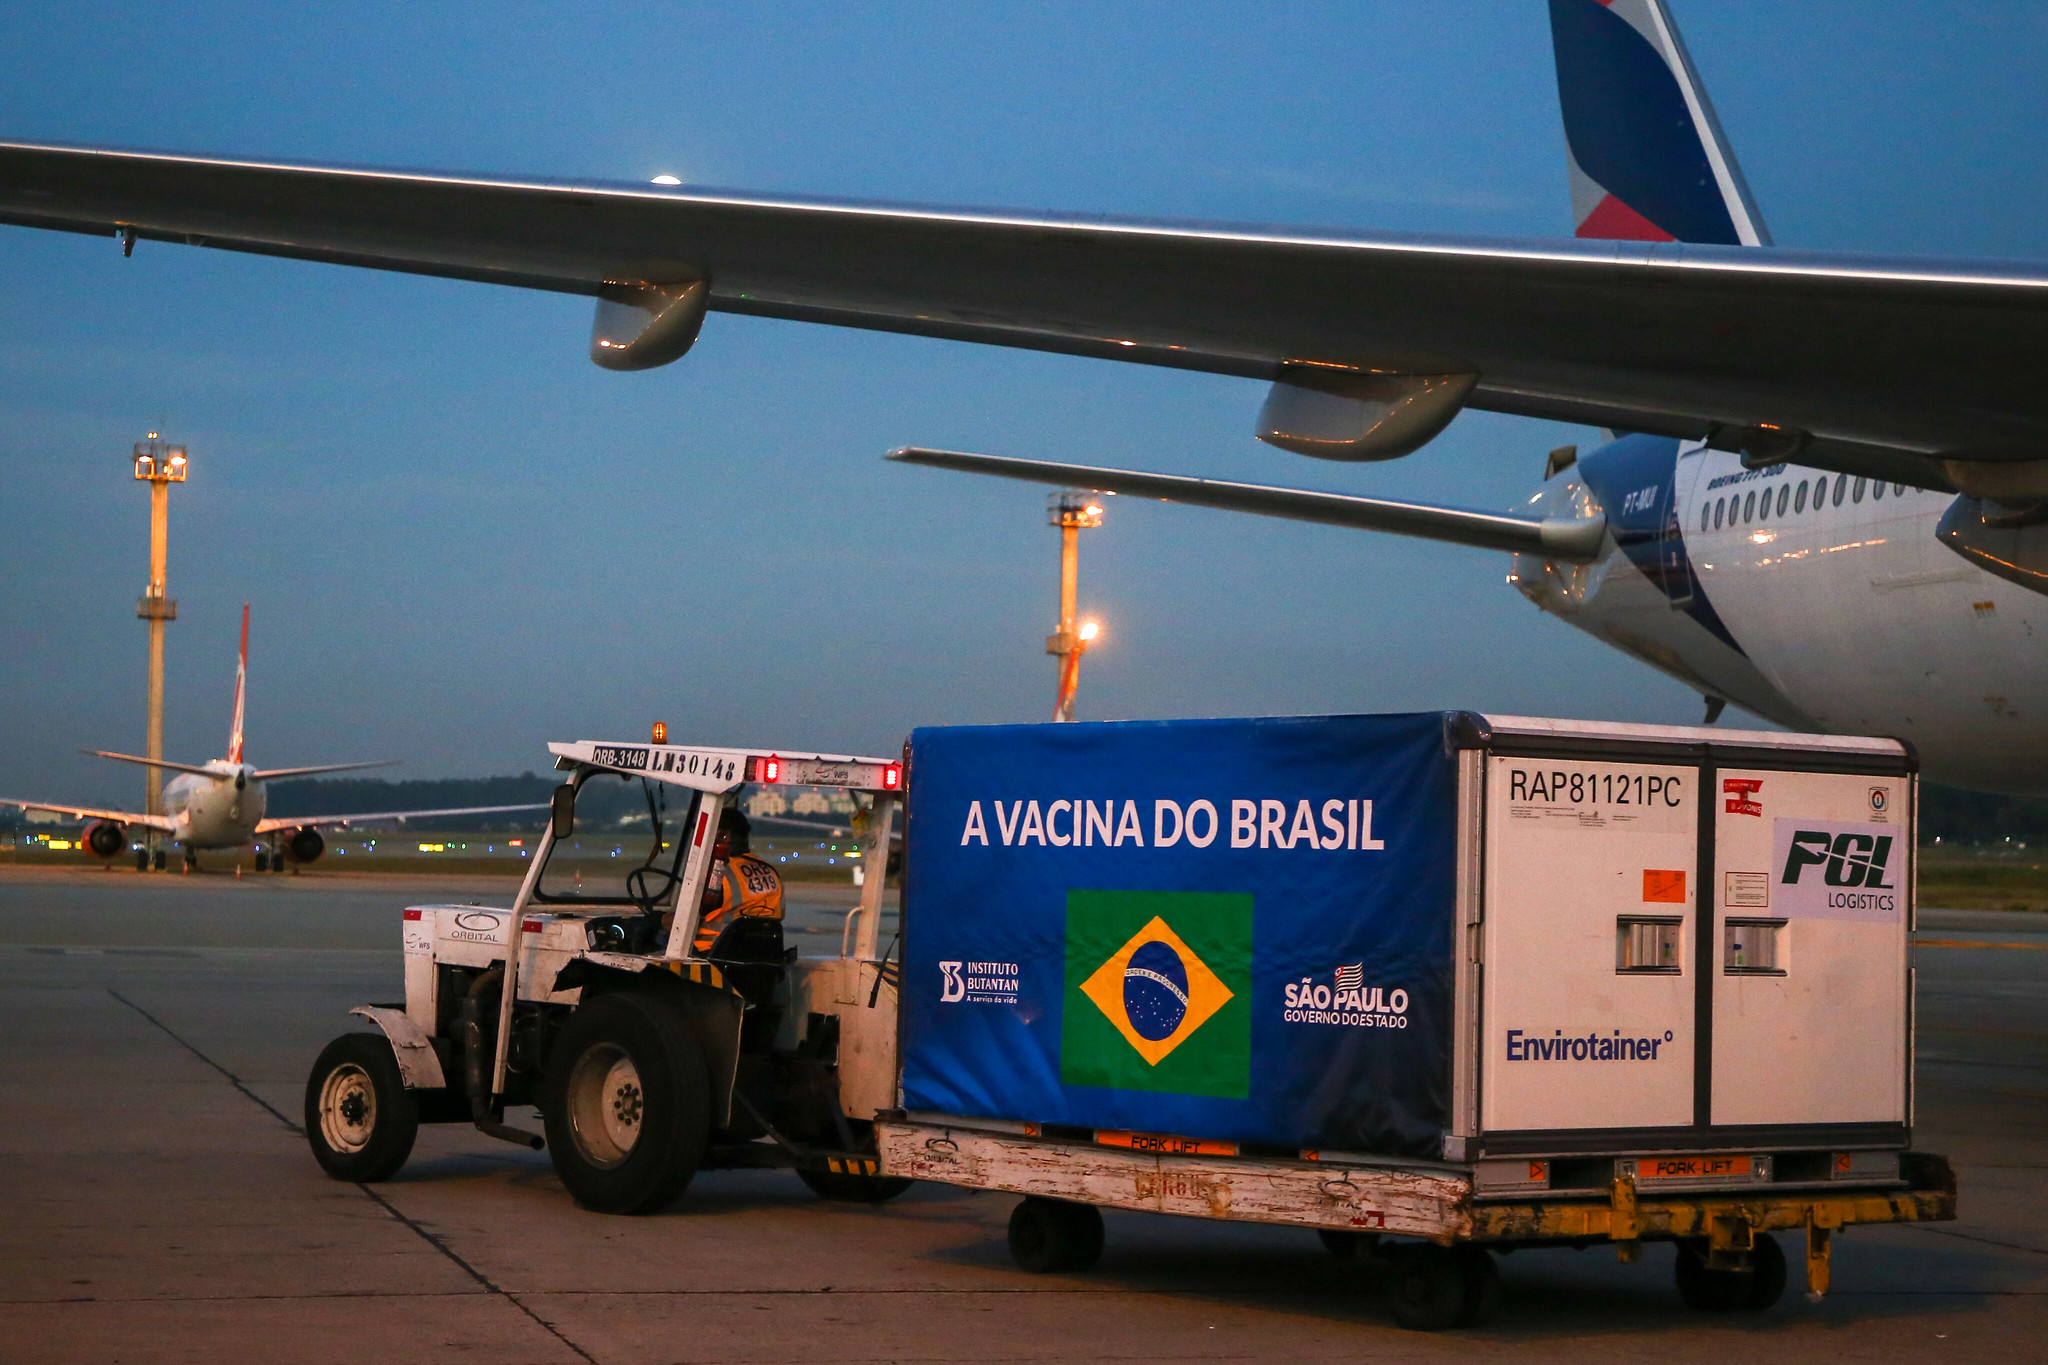 Imagem mostra trator transportando contêiner estampado com logo do Brasil, em que se lê